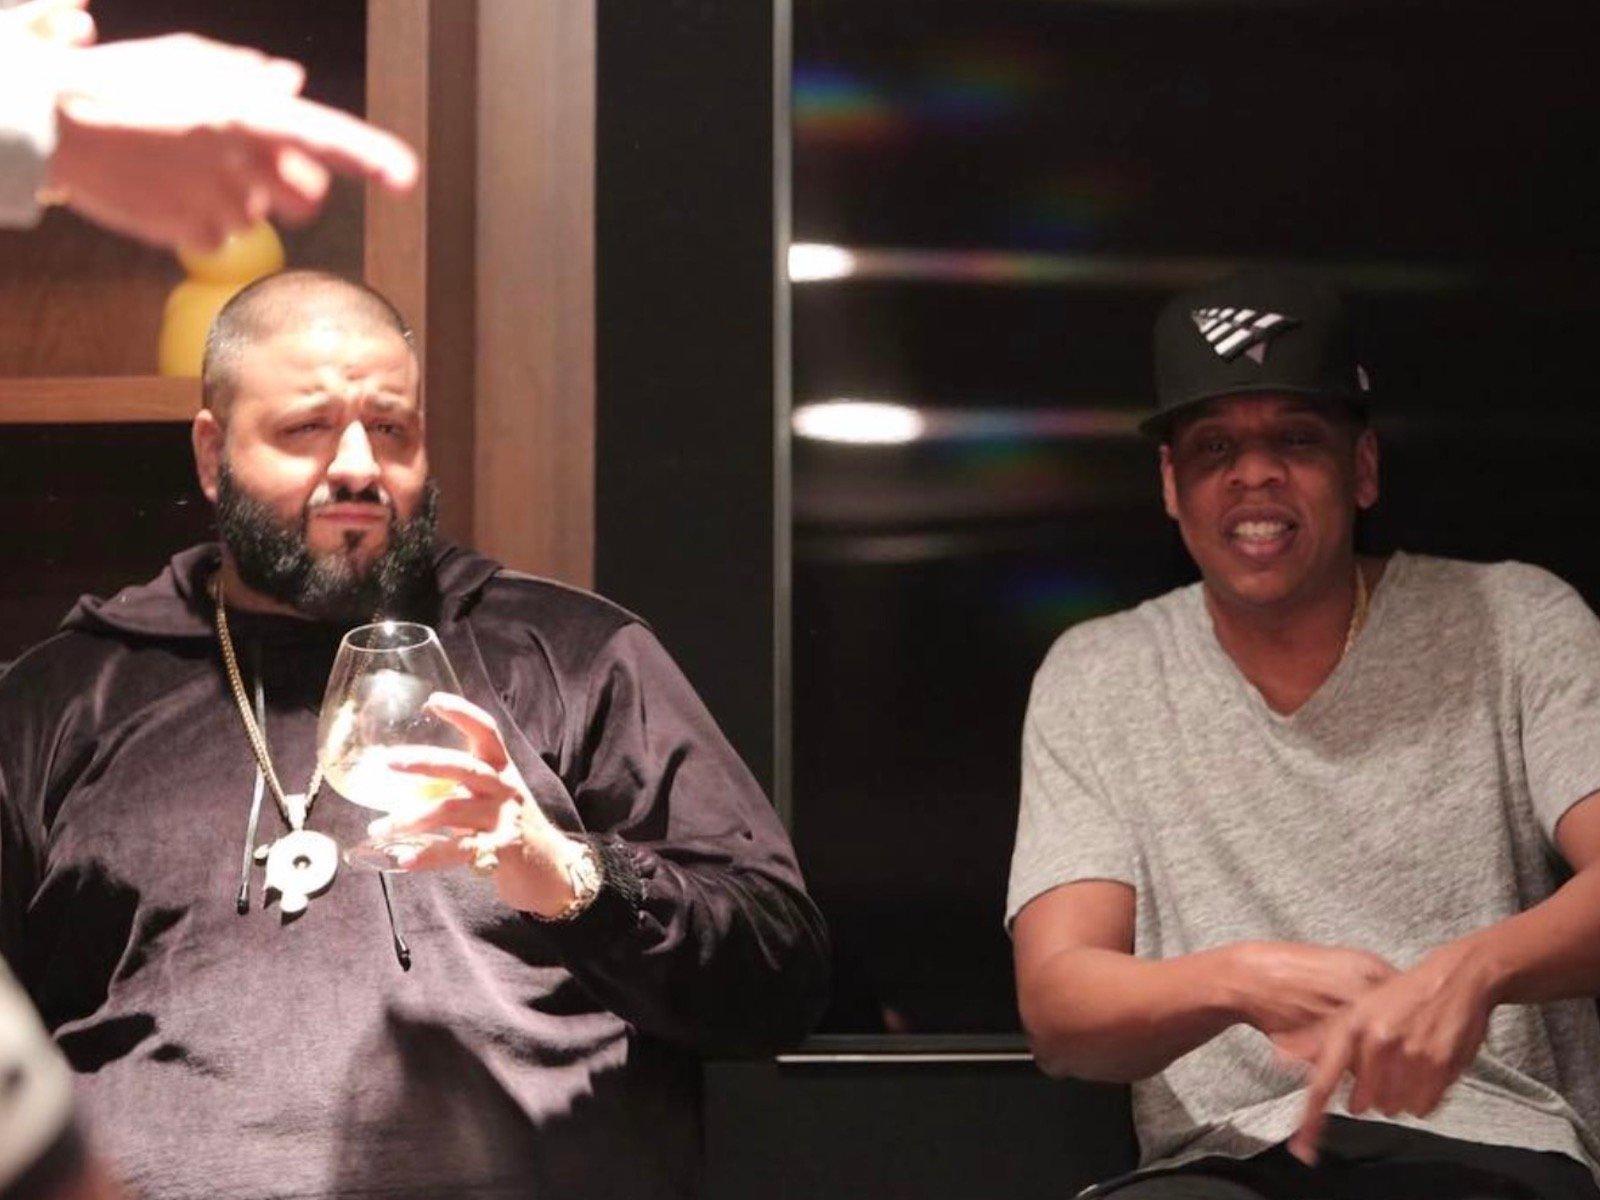 DJ Khaled JAY-Z